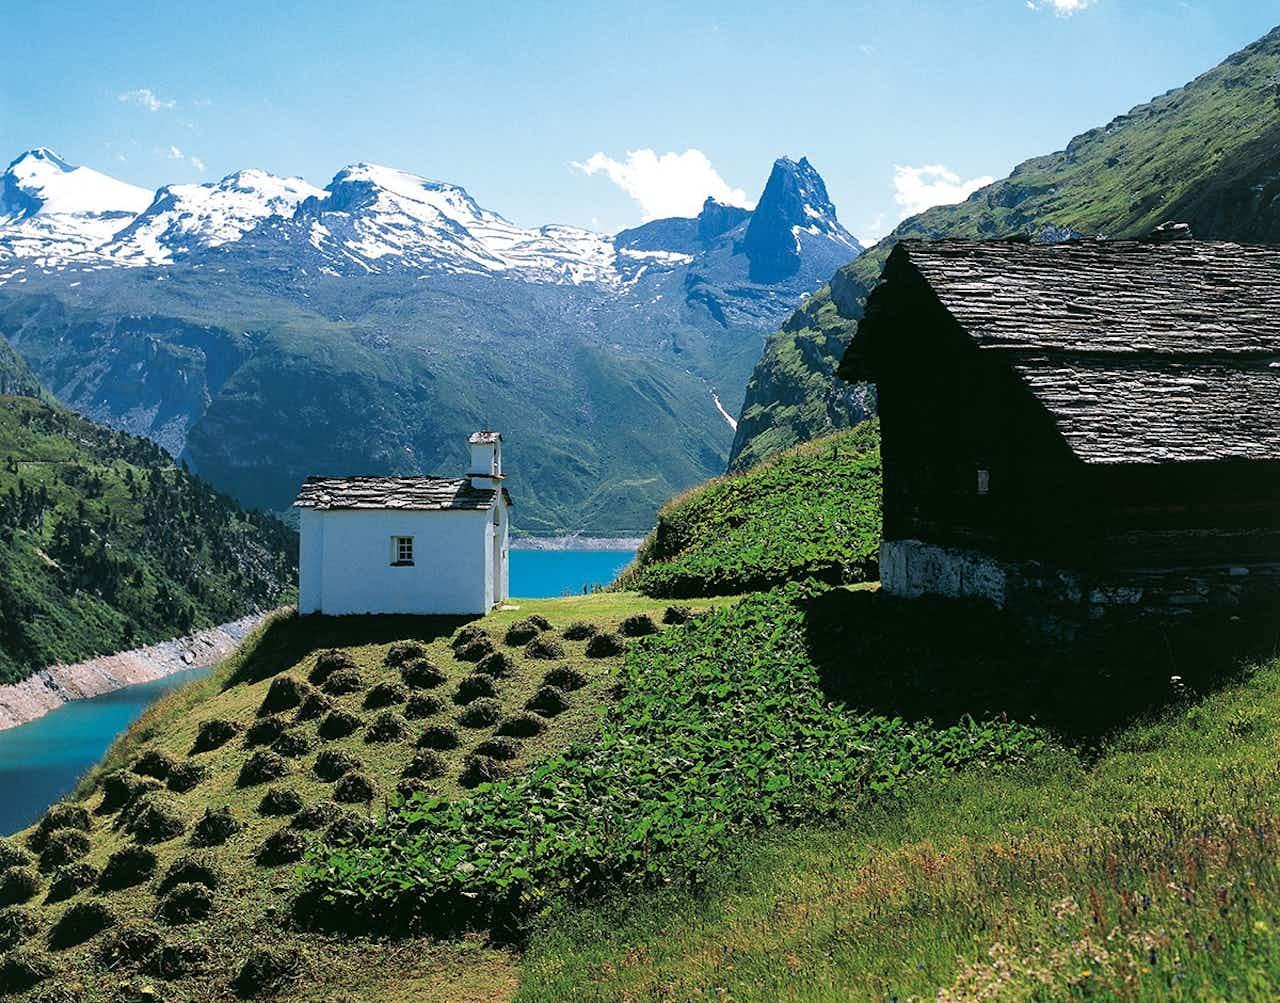 Graubünden: Neues Lebensgefühl und Freiheit ohne Grenzen